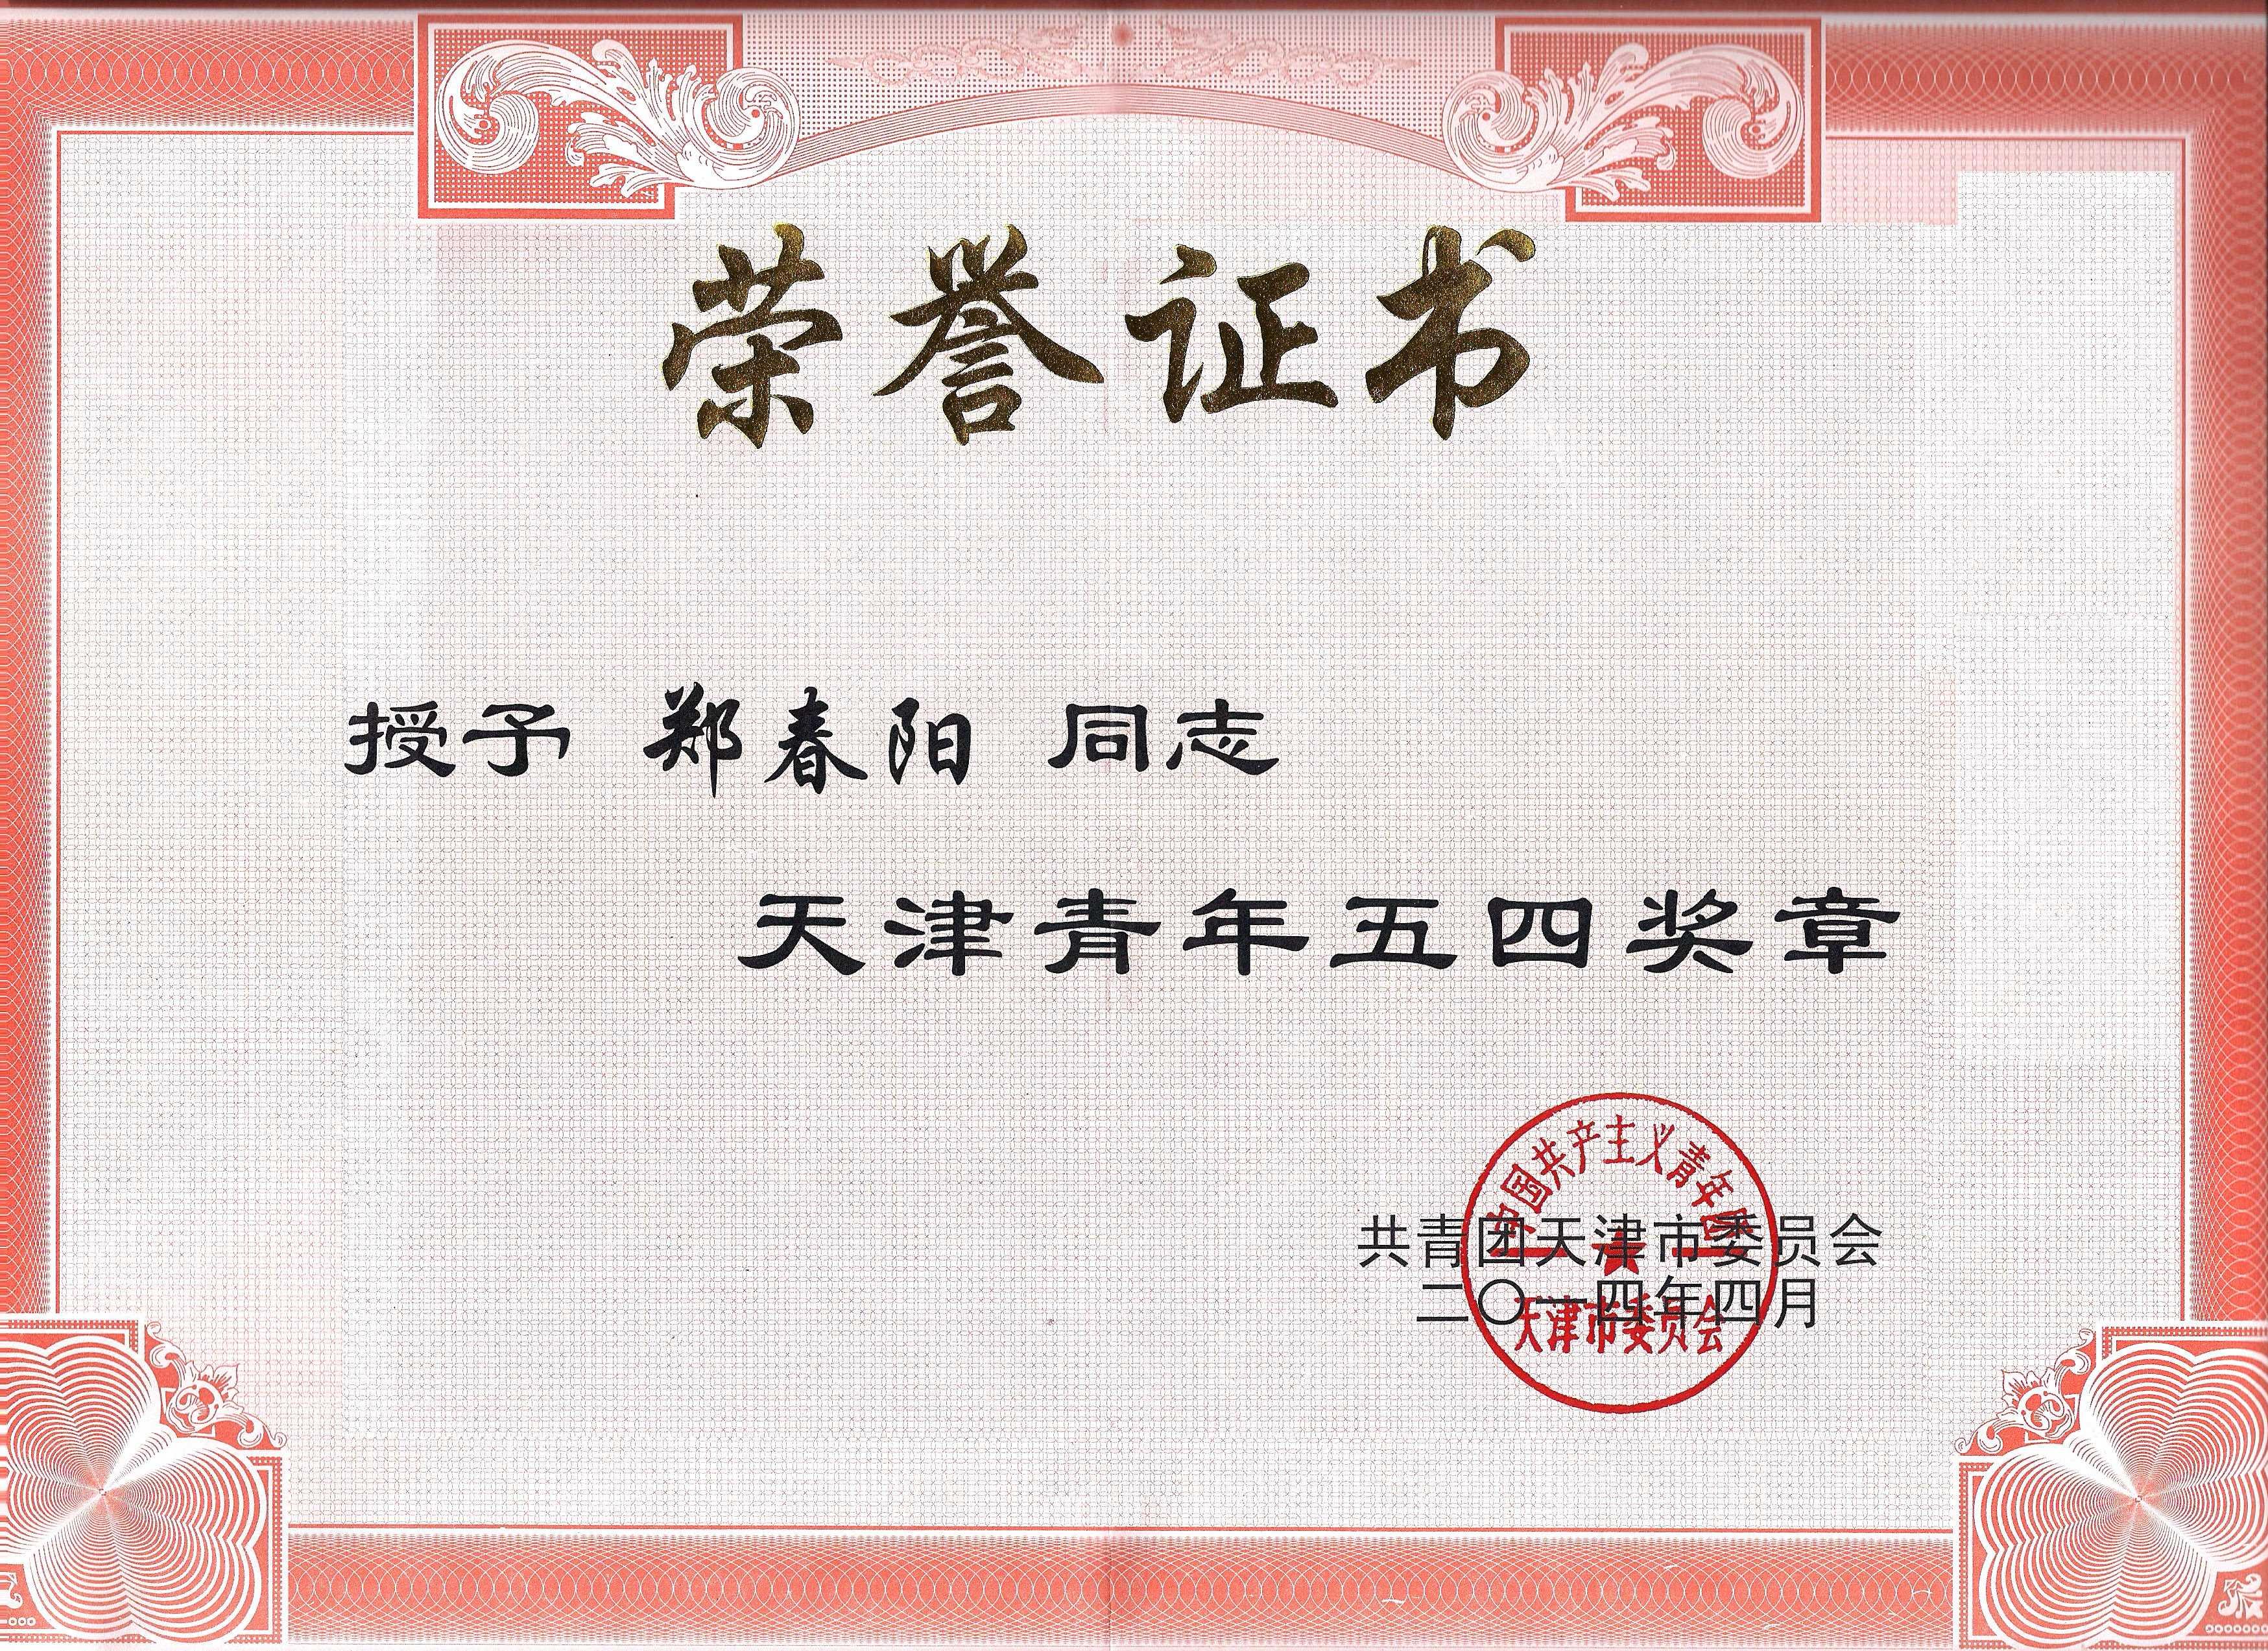 公司荣誉-五四青年奖章